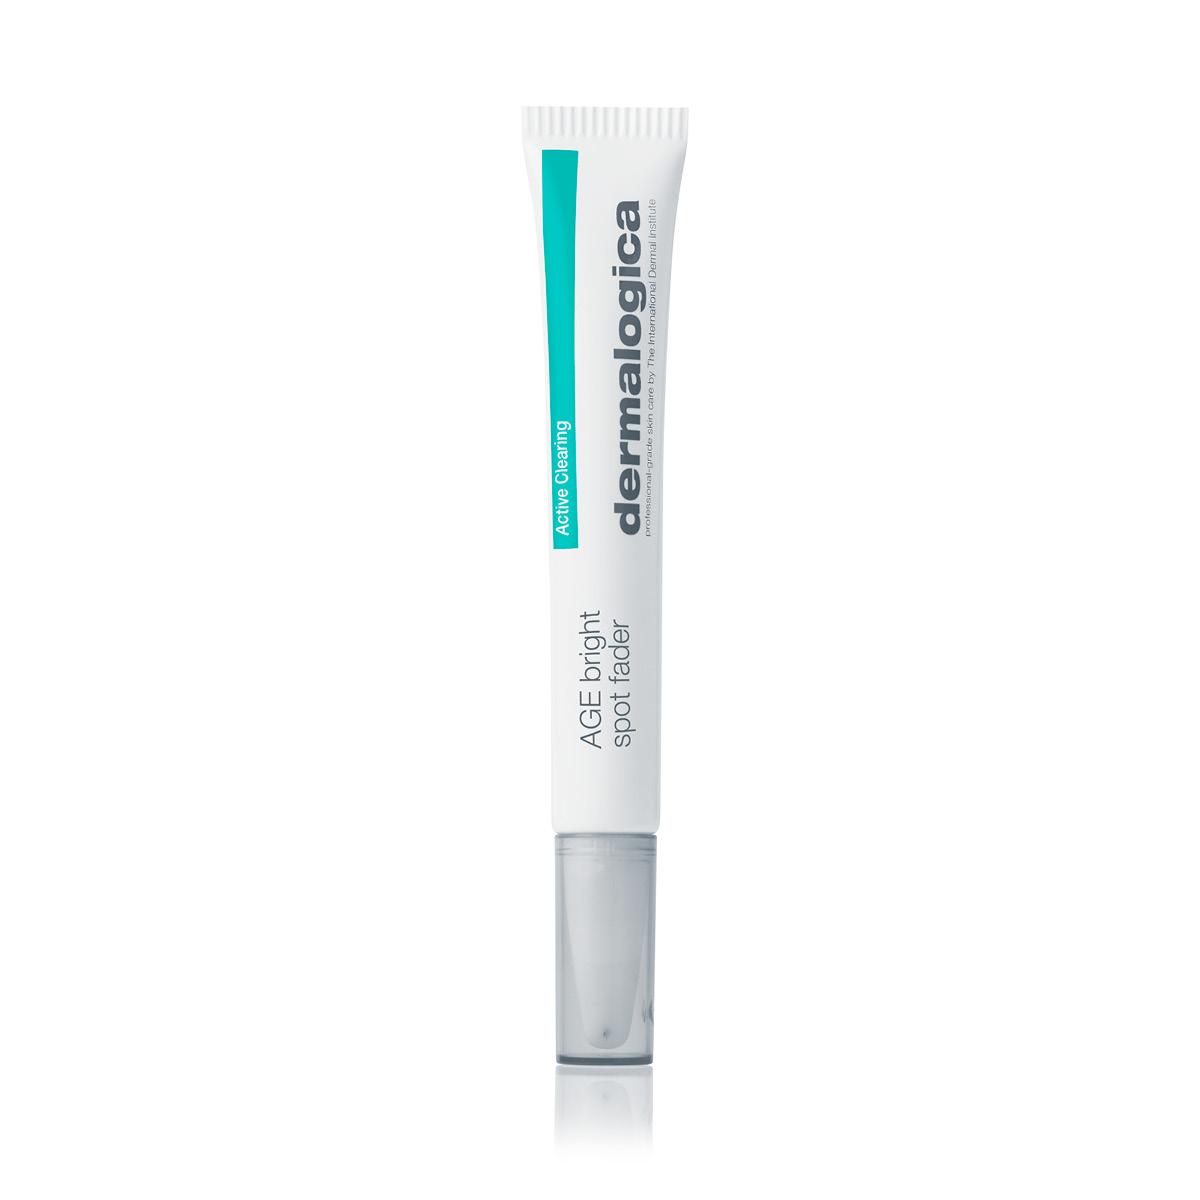 Dermalogica AGE Bright Spot Fader, 15 ml